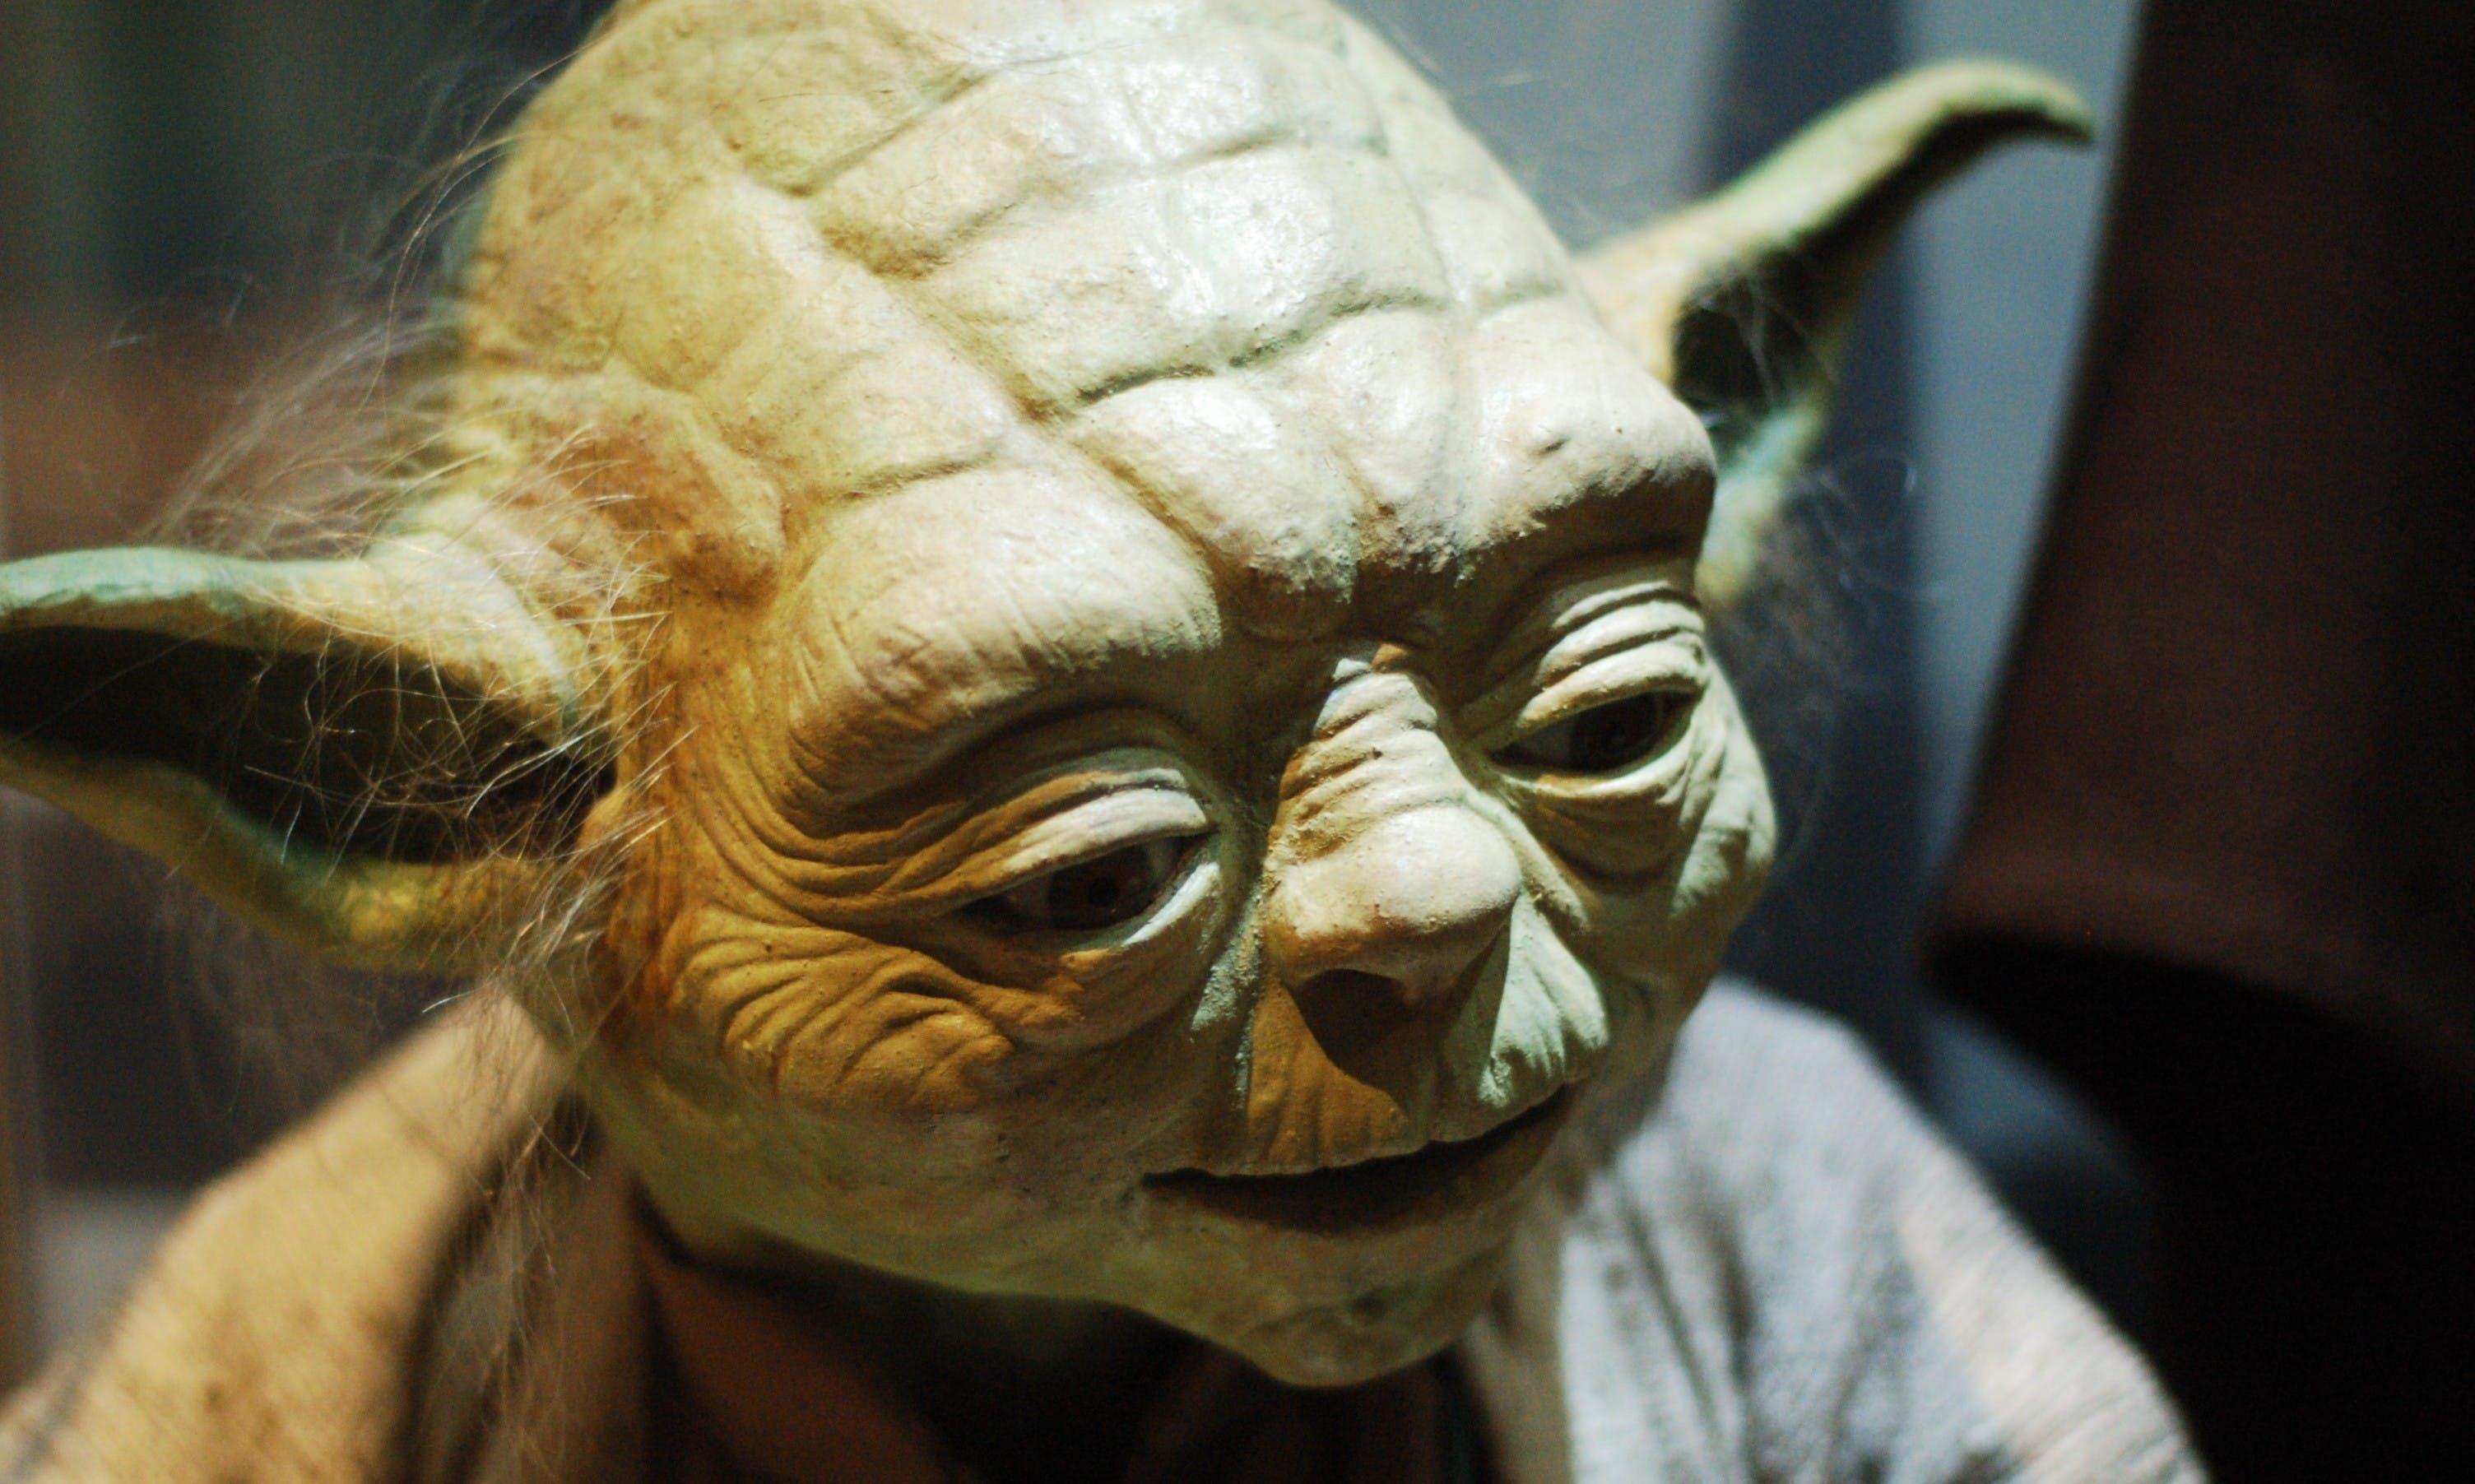 Jedi Thinking 10 Business Lehren Die Man Aus Star Wars Ziehen Kann